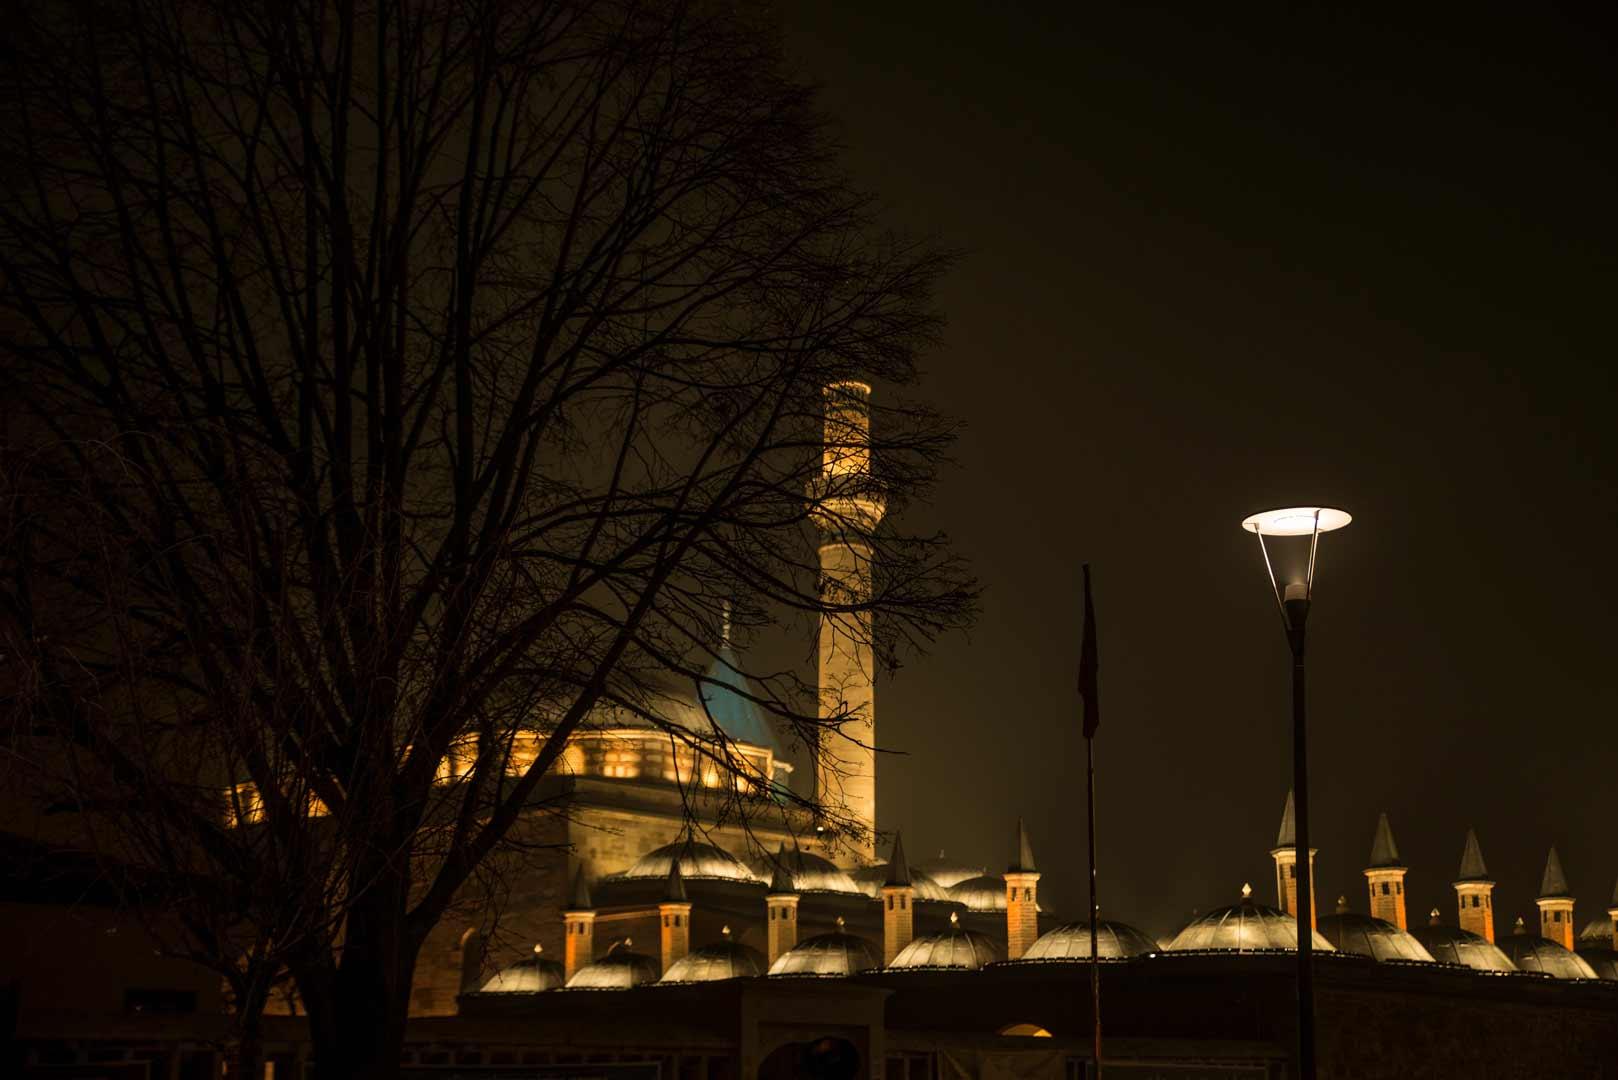 میدان مولانا مقبره مولانا در قونیه  تریکه